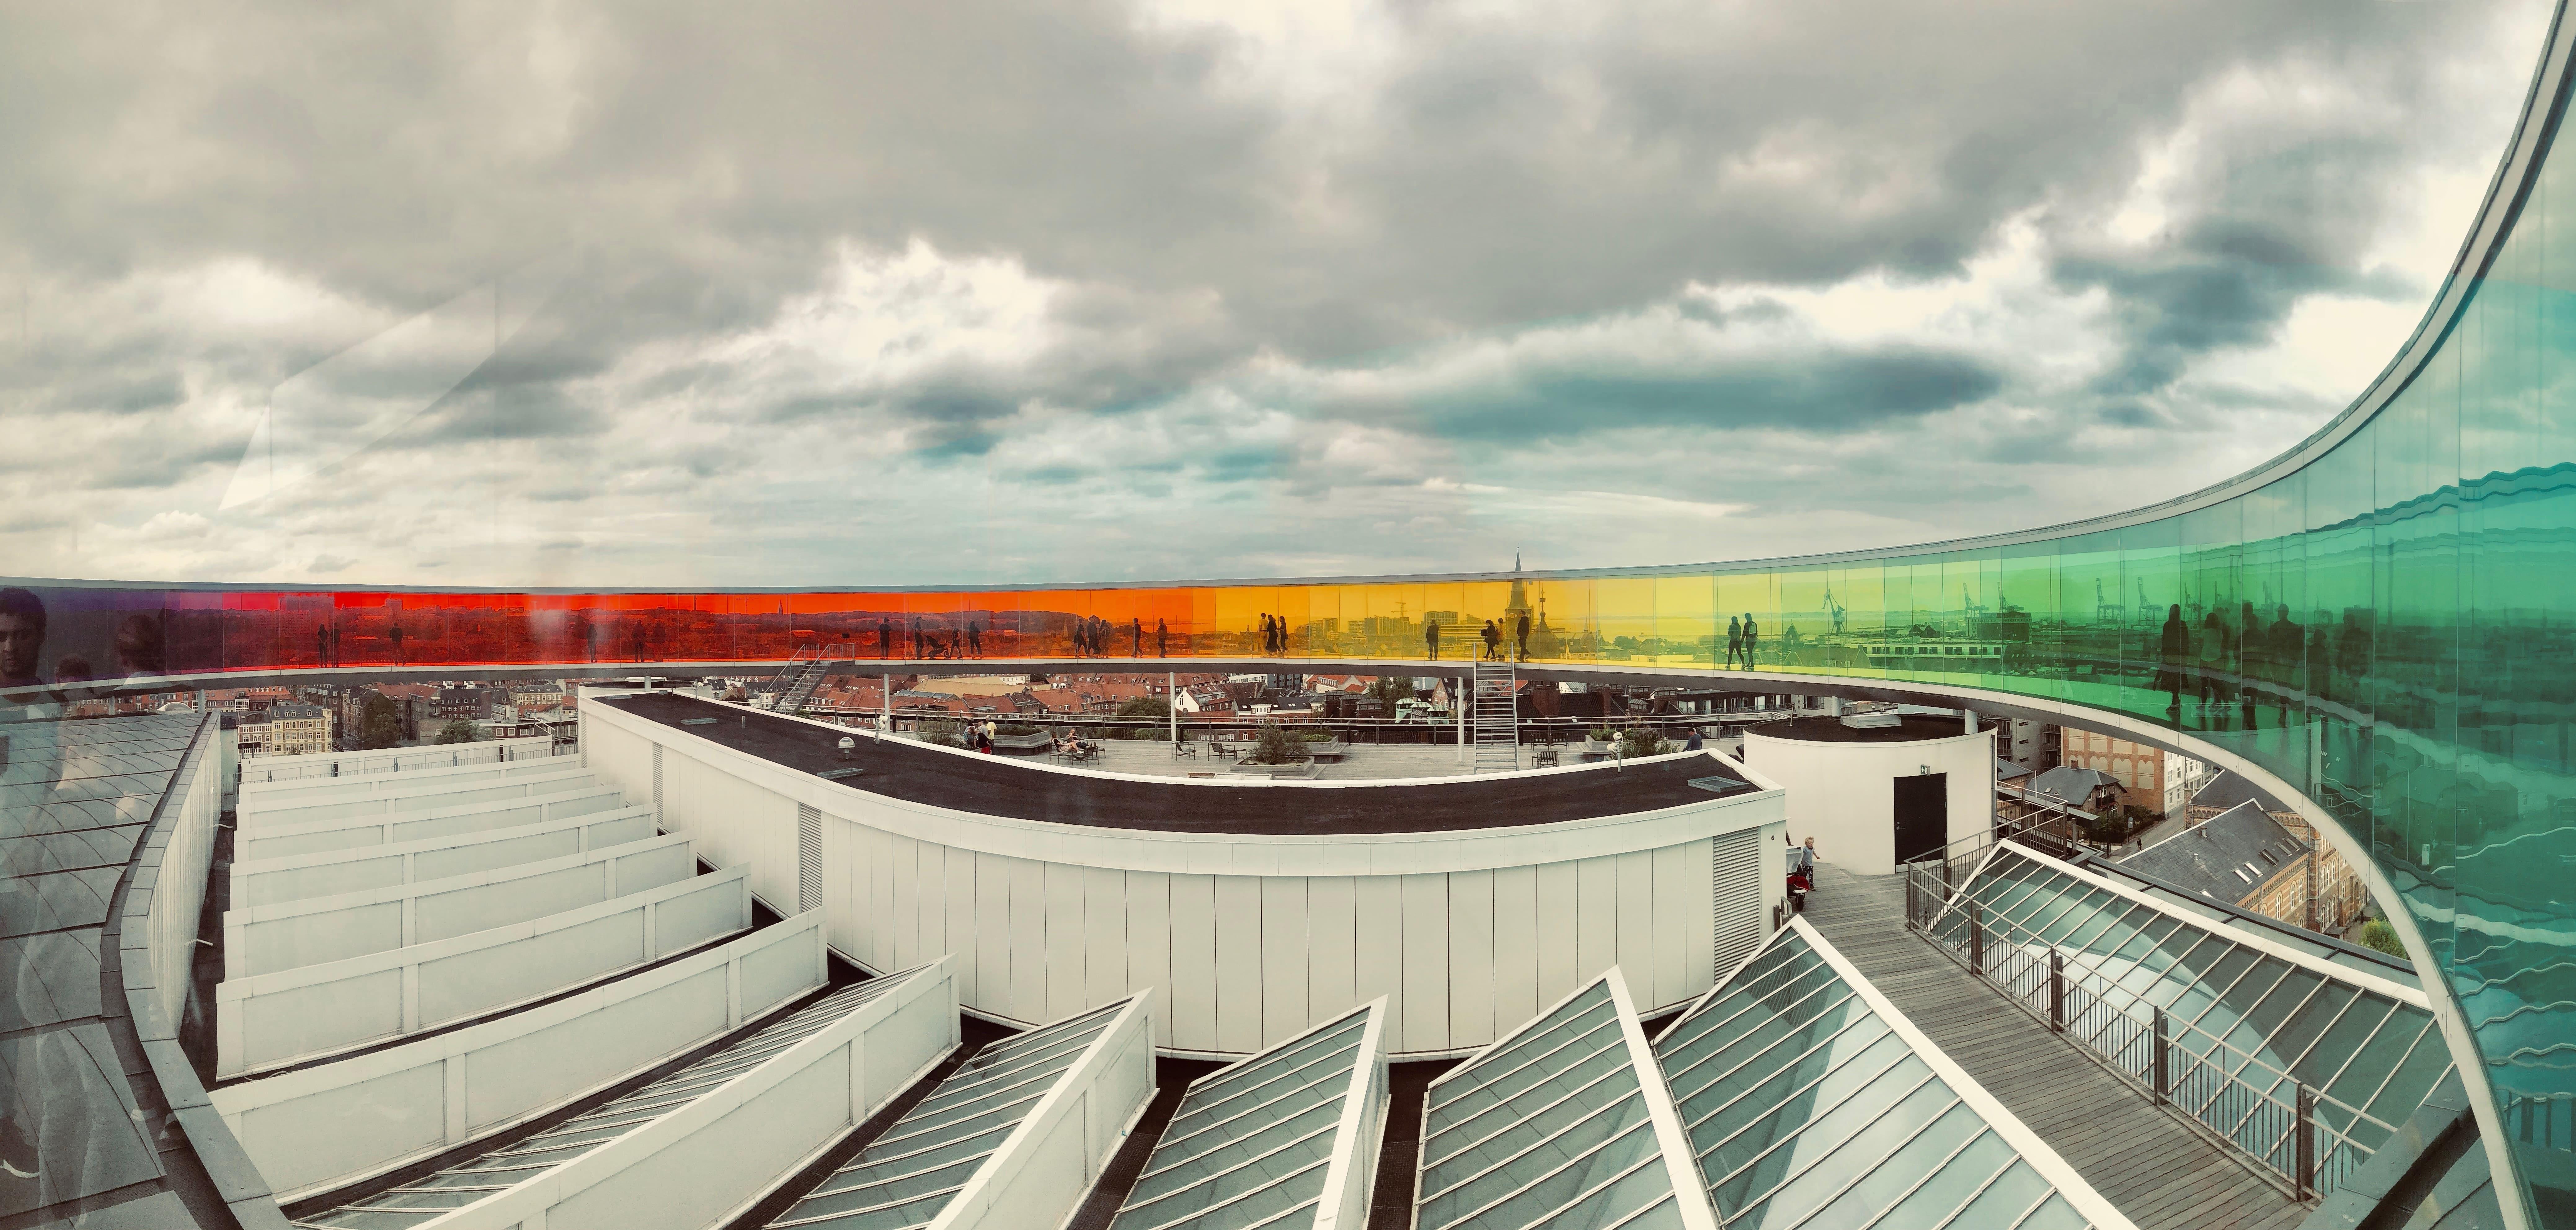 Aros i Aarhus. (Arkivfoto: Nils Schirmer)